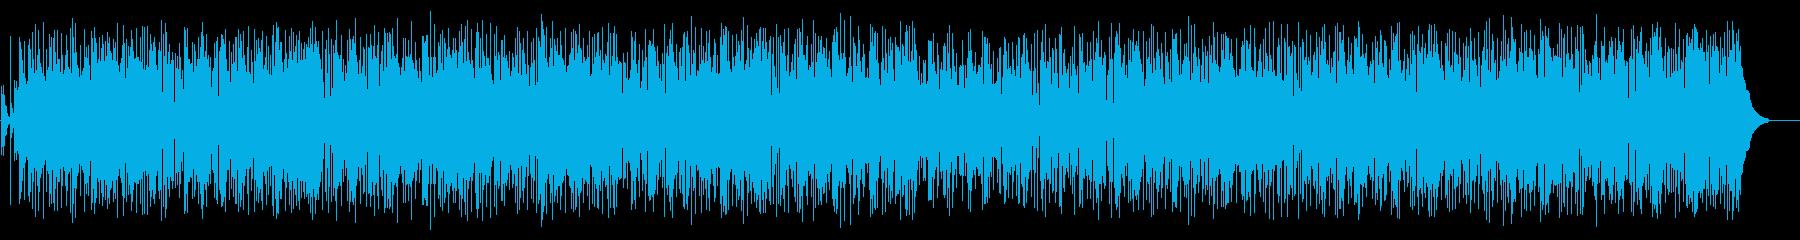 優雅でお洒落なFM風フュージョンの再生済みの波形